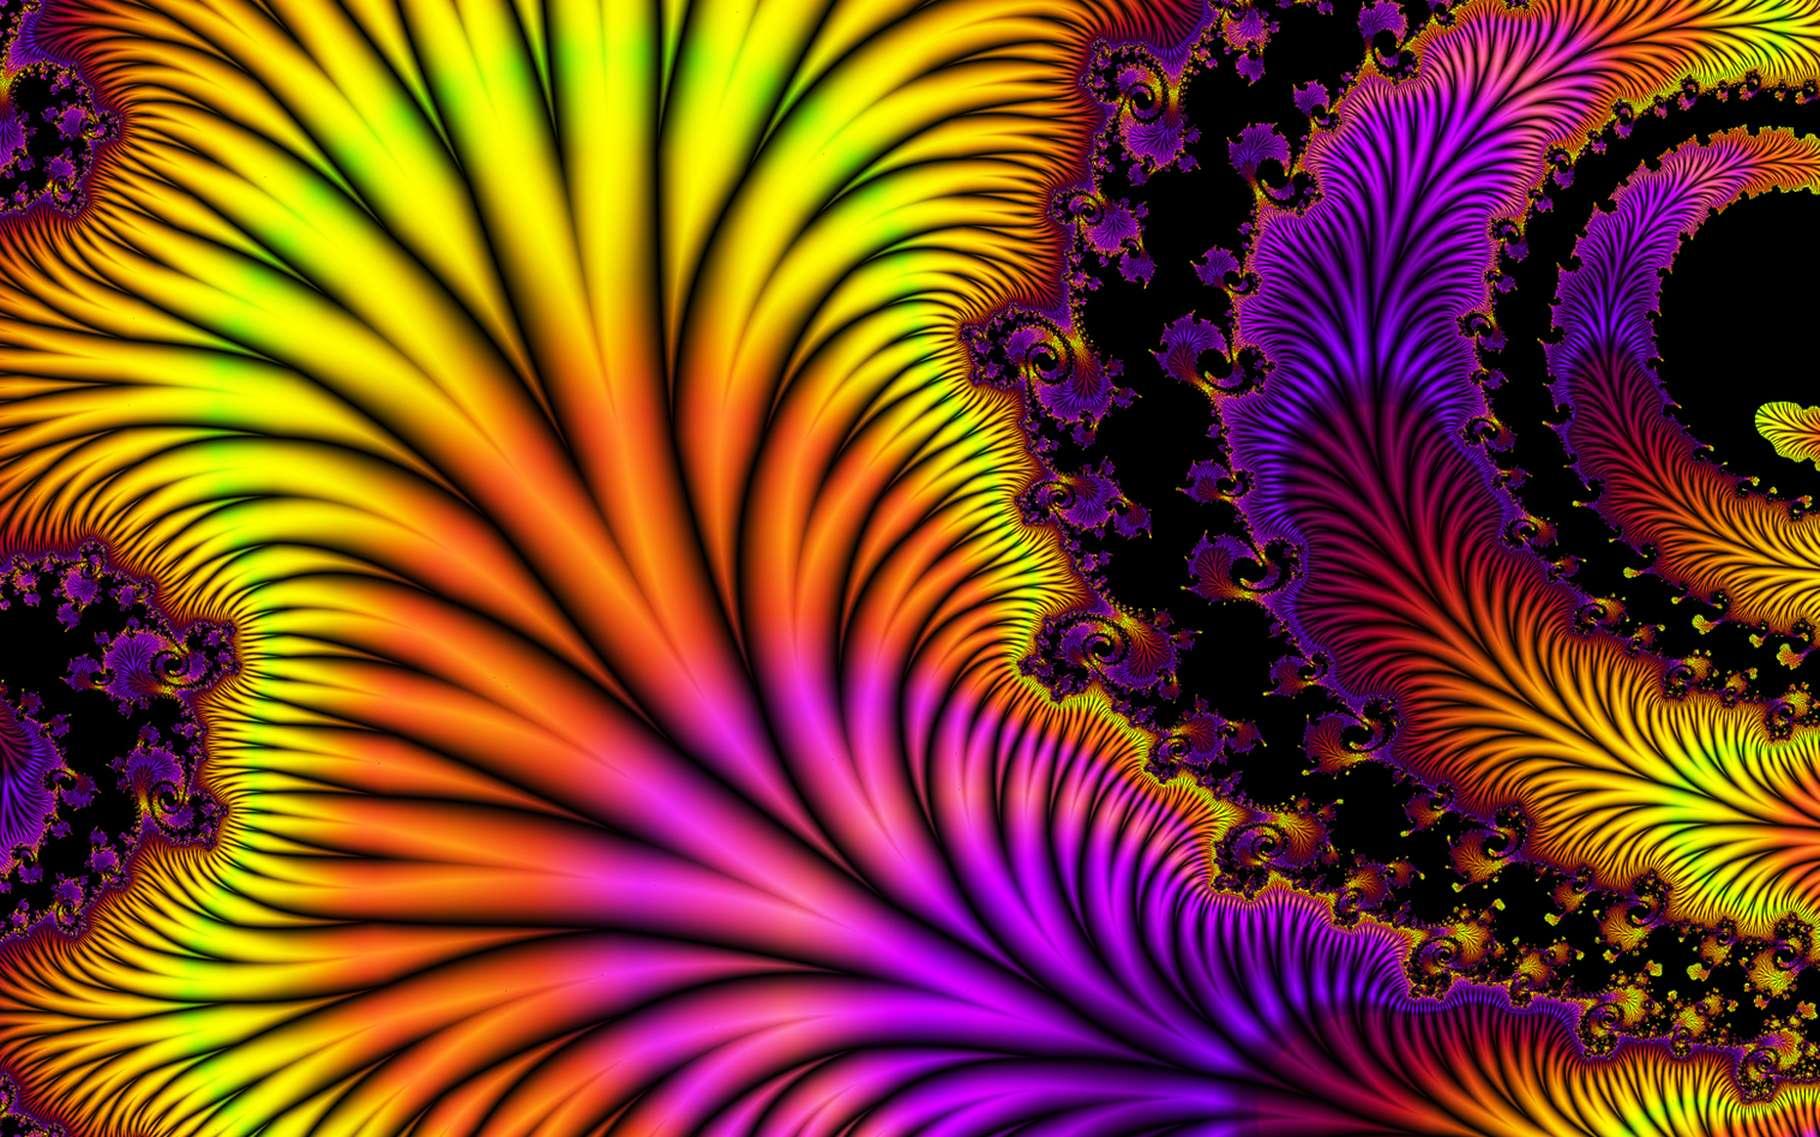 Curiosité mathématique, les fractales se découvrent par l'image, avec les formes fascinantes qu'elles dessinent. Elles sont aussi une ouverture vers d'autres disciplines, car le monde abonde de fractales naturelles... © DR